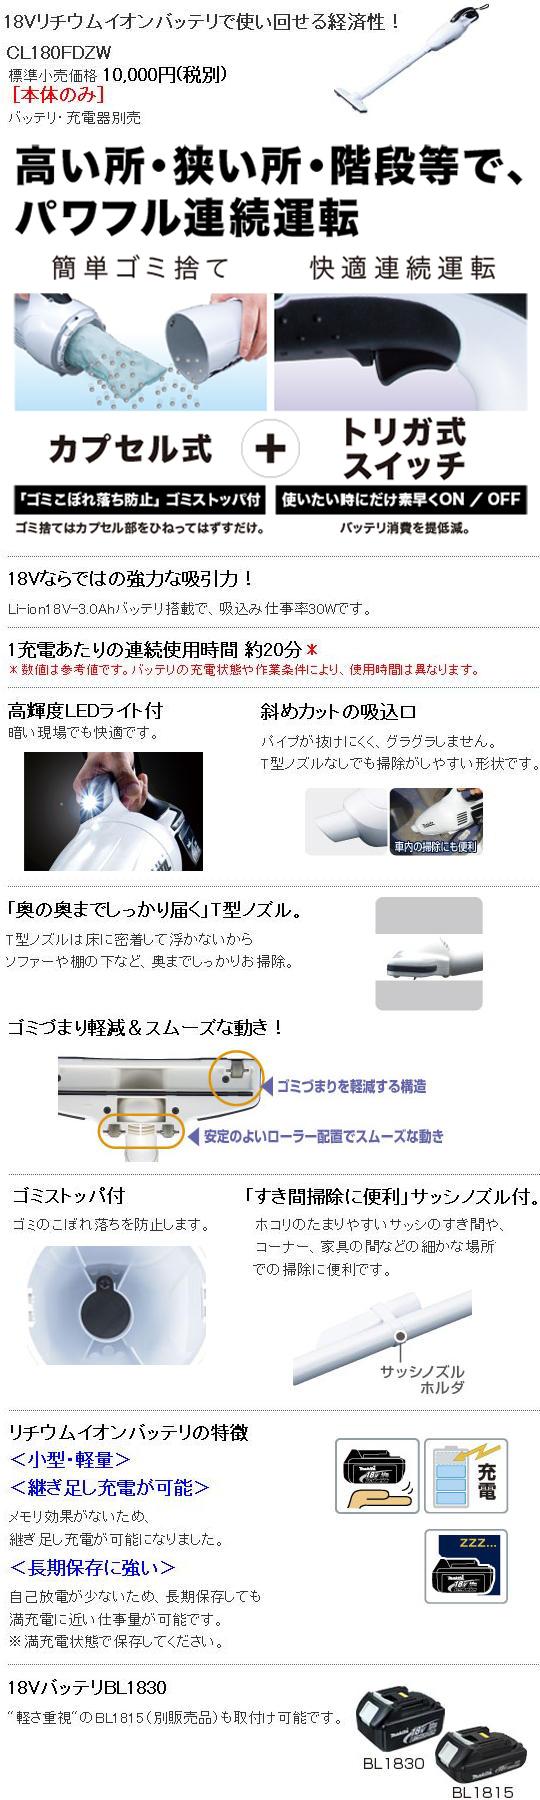 マキタ 充電式クリーナ CL180FDRFW